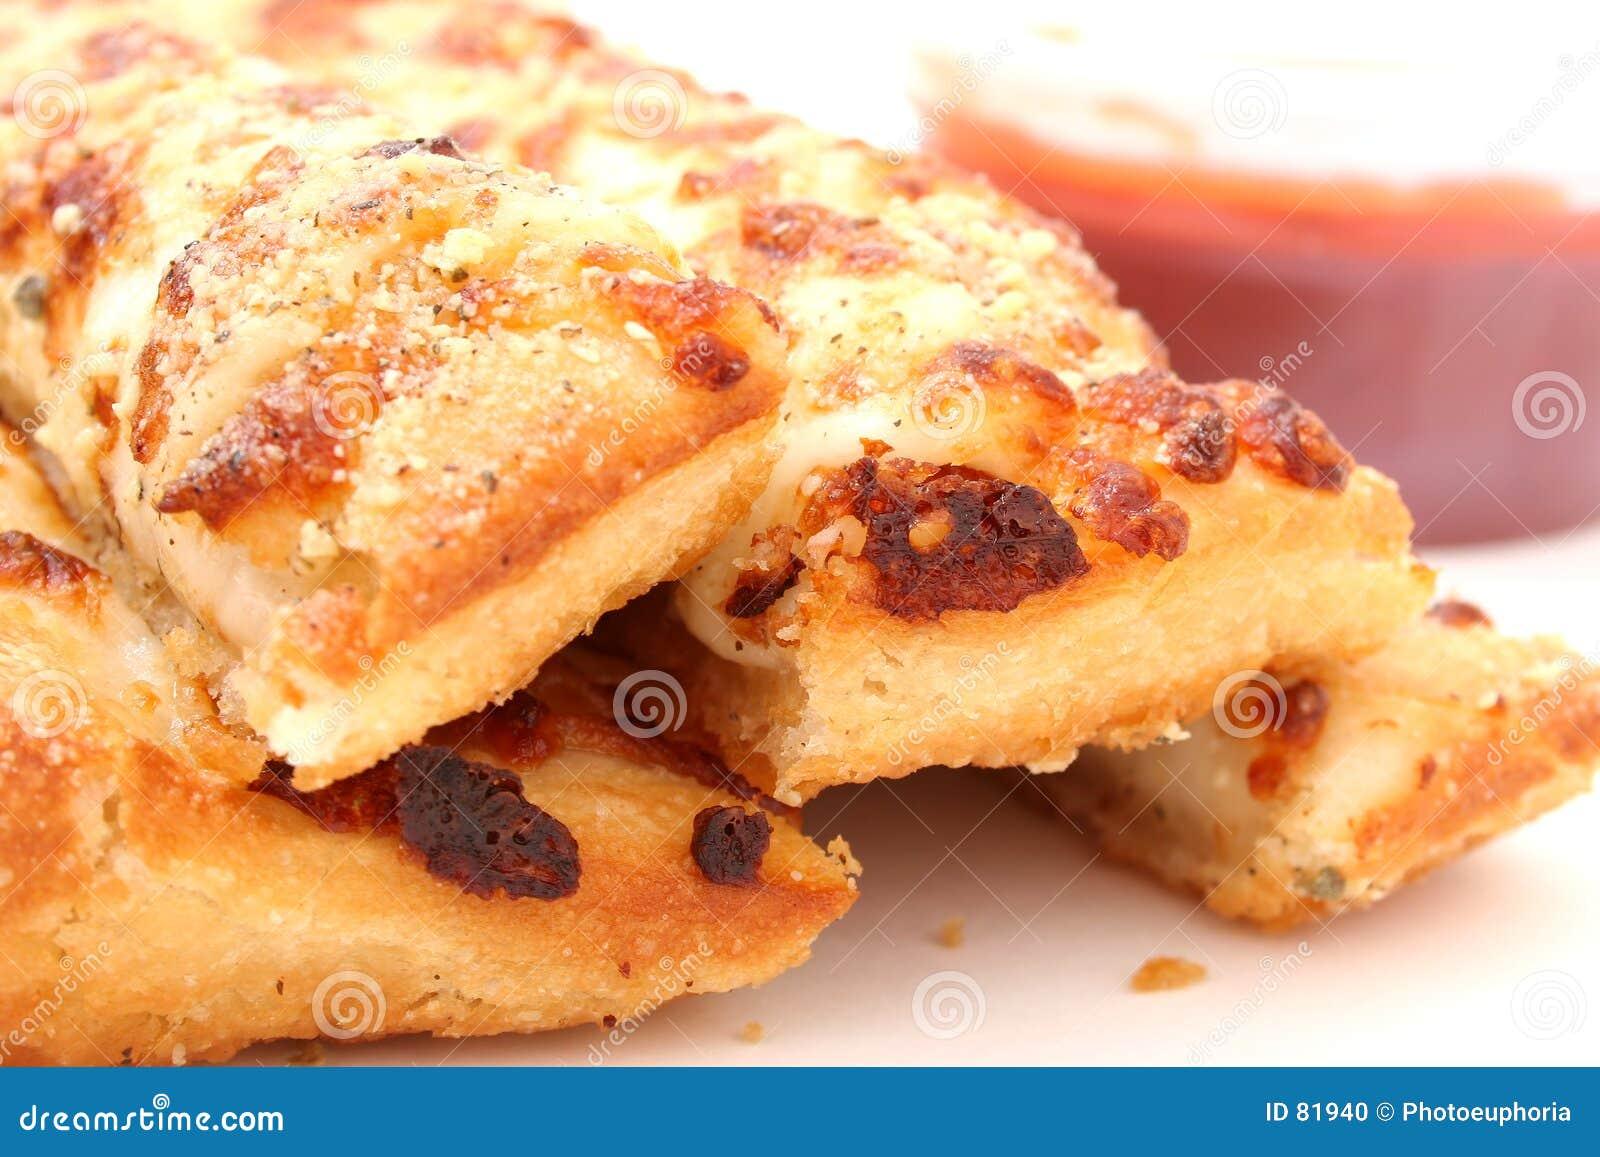 面包干酪marinara调味汁